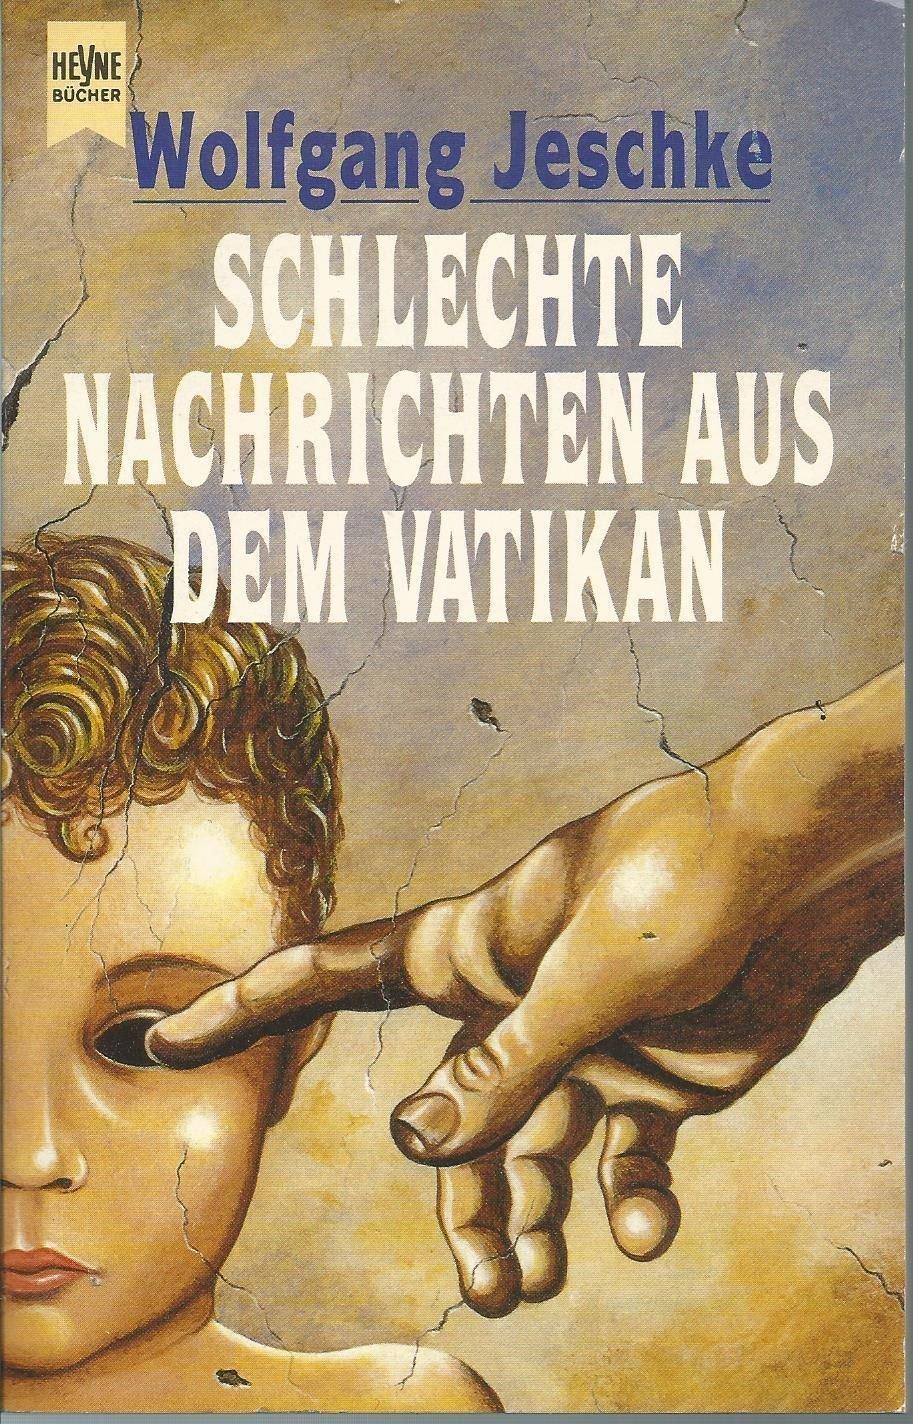 Wolfgang Jeschke - Schlechte Nachrichten aus dem Vatikan. Erzählungen und Hörspiele